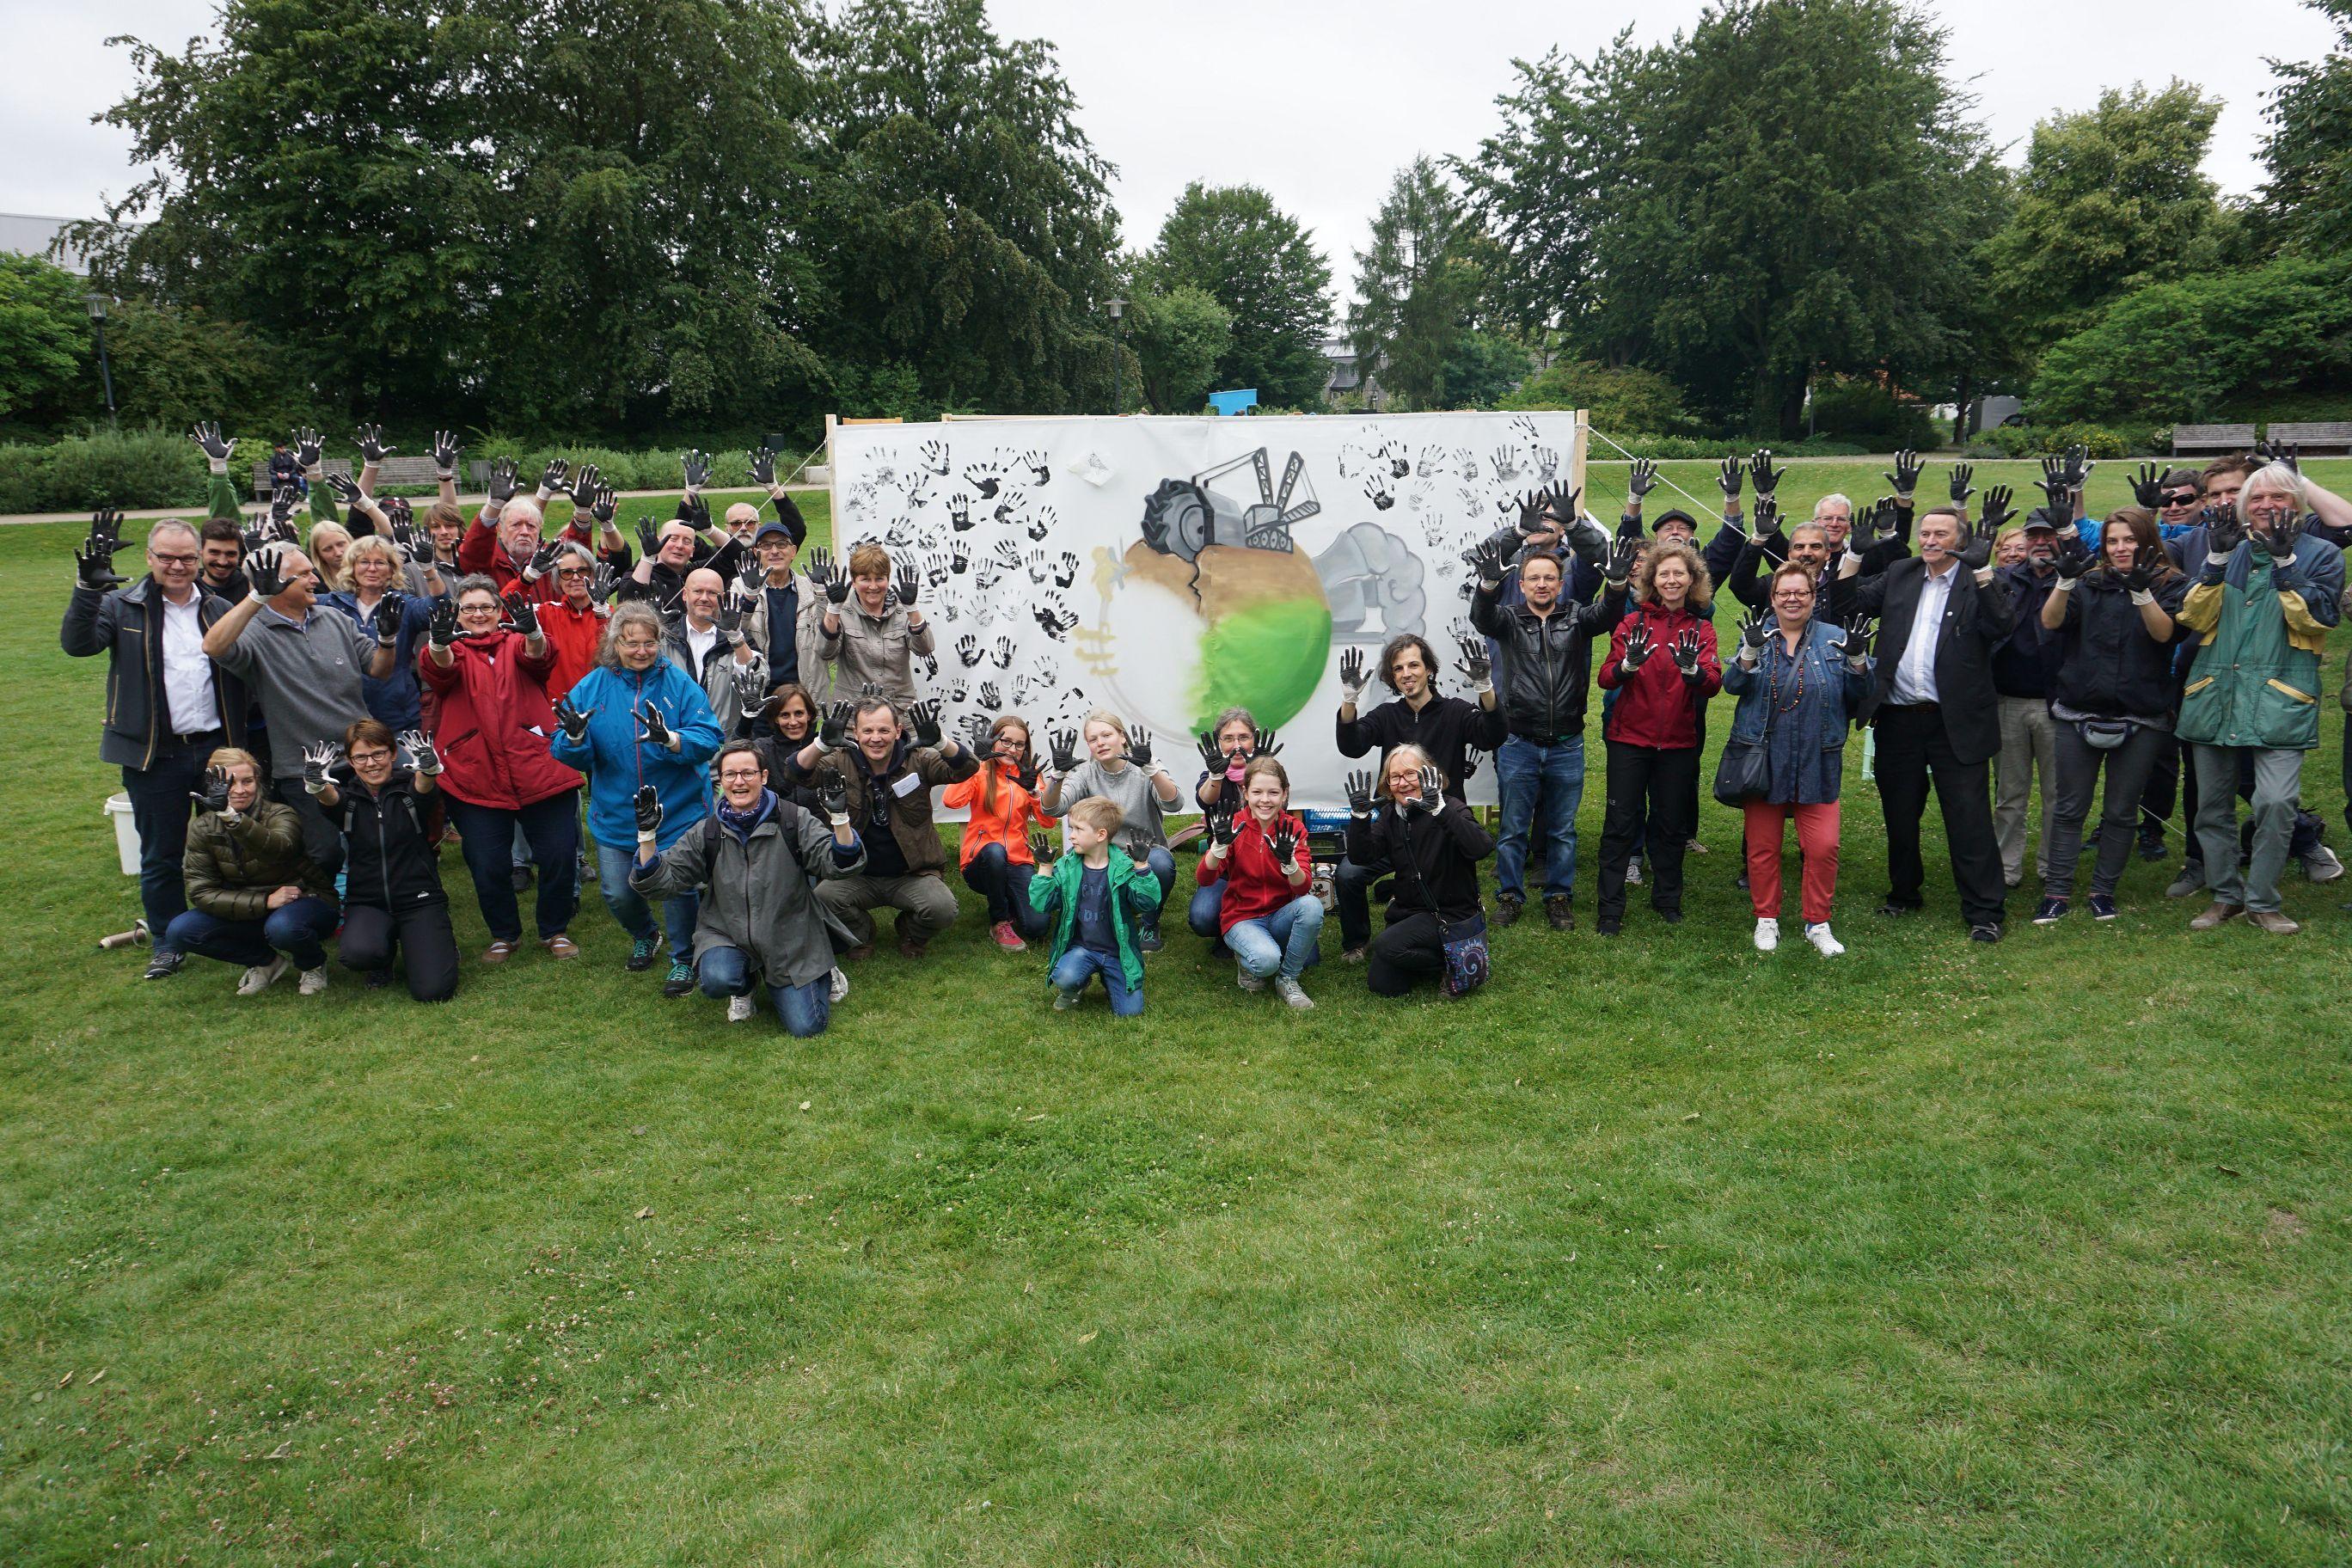 Klimaschutzinitiative Rheda-Wiedenbrück demonstriert für den Kohleausstieg